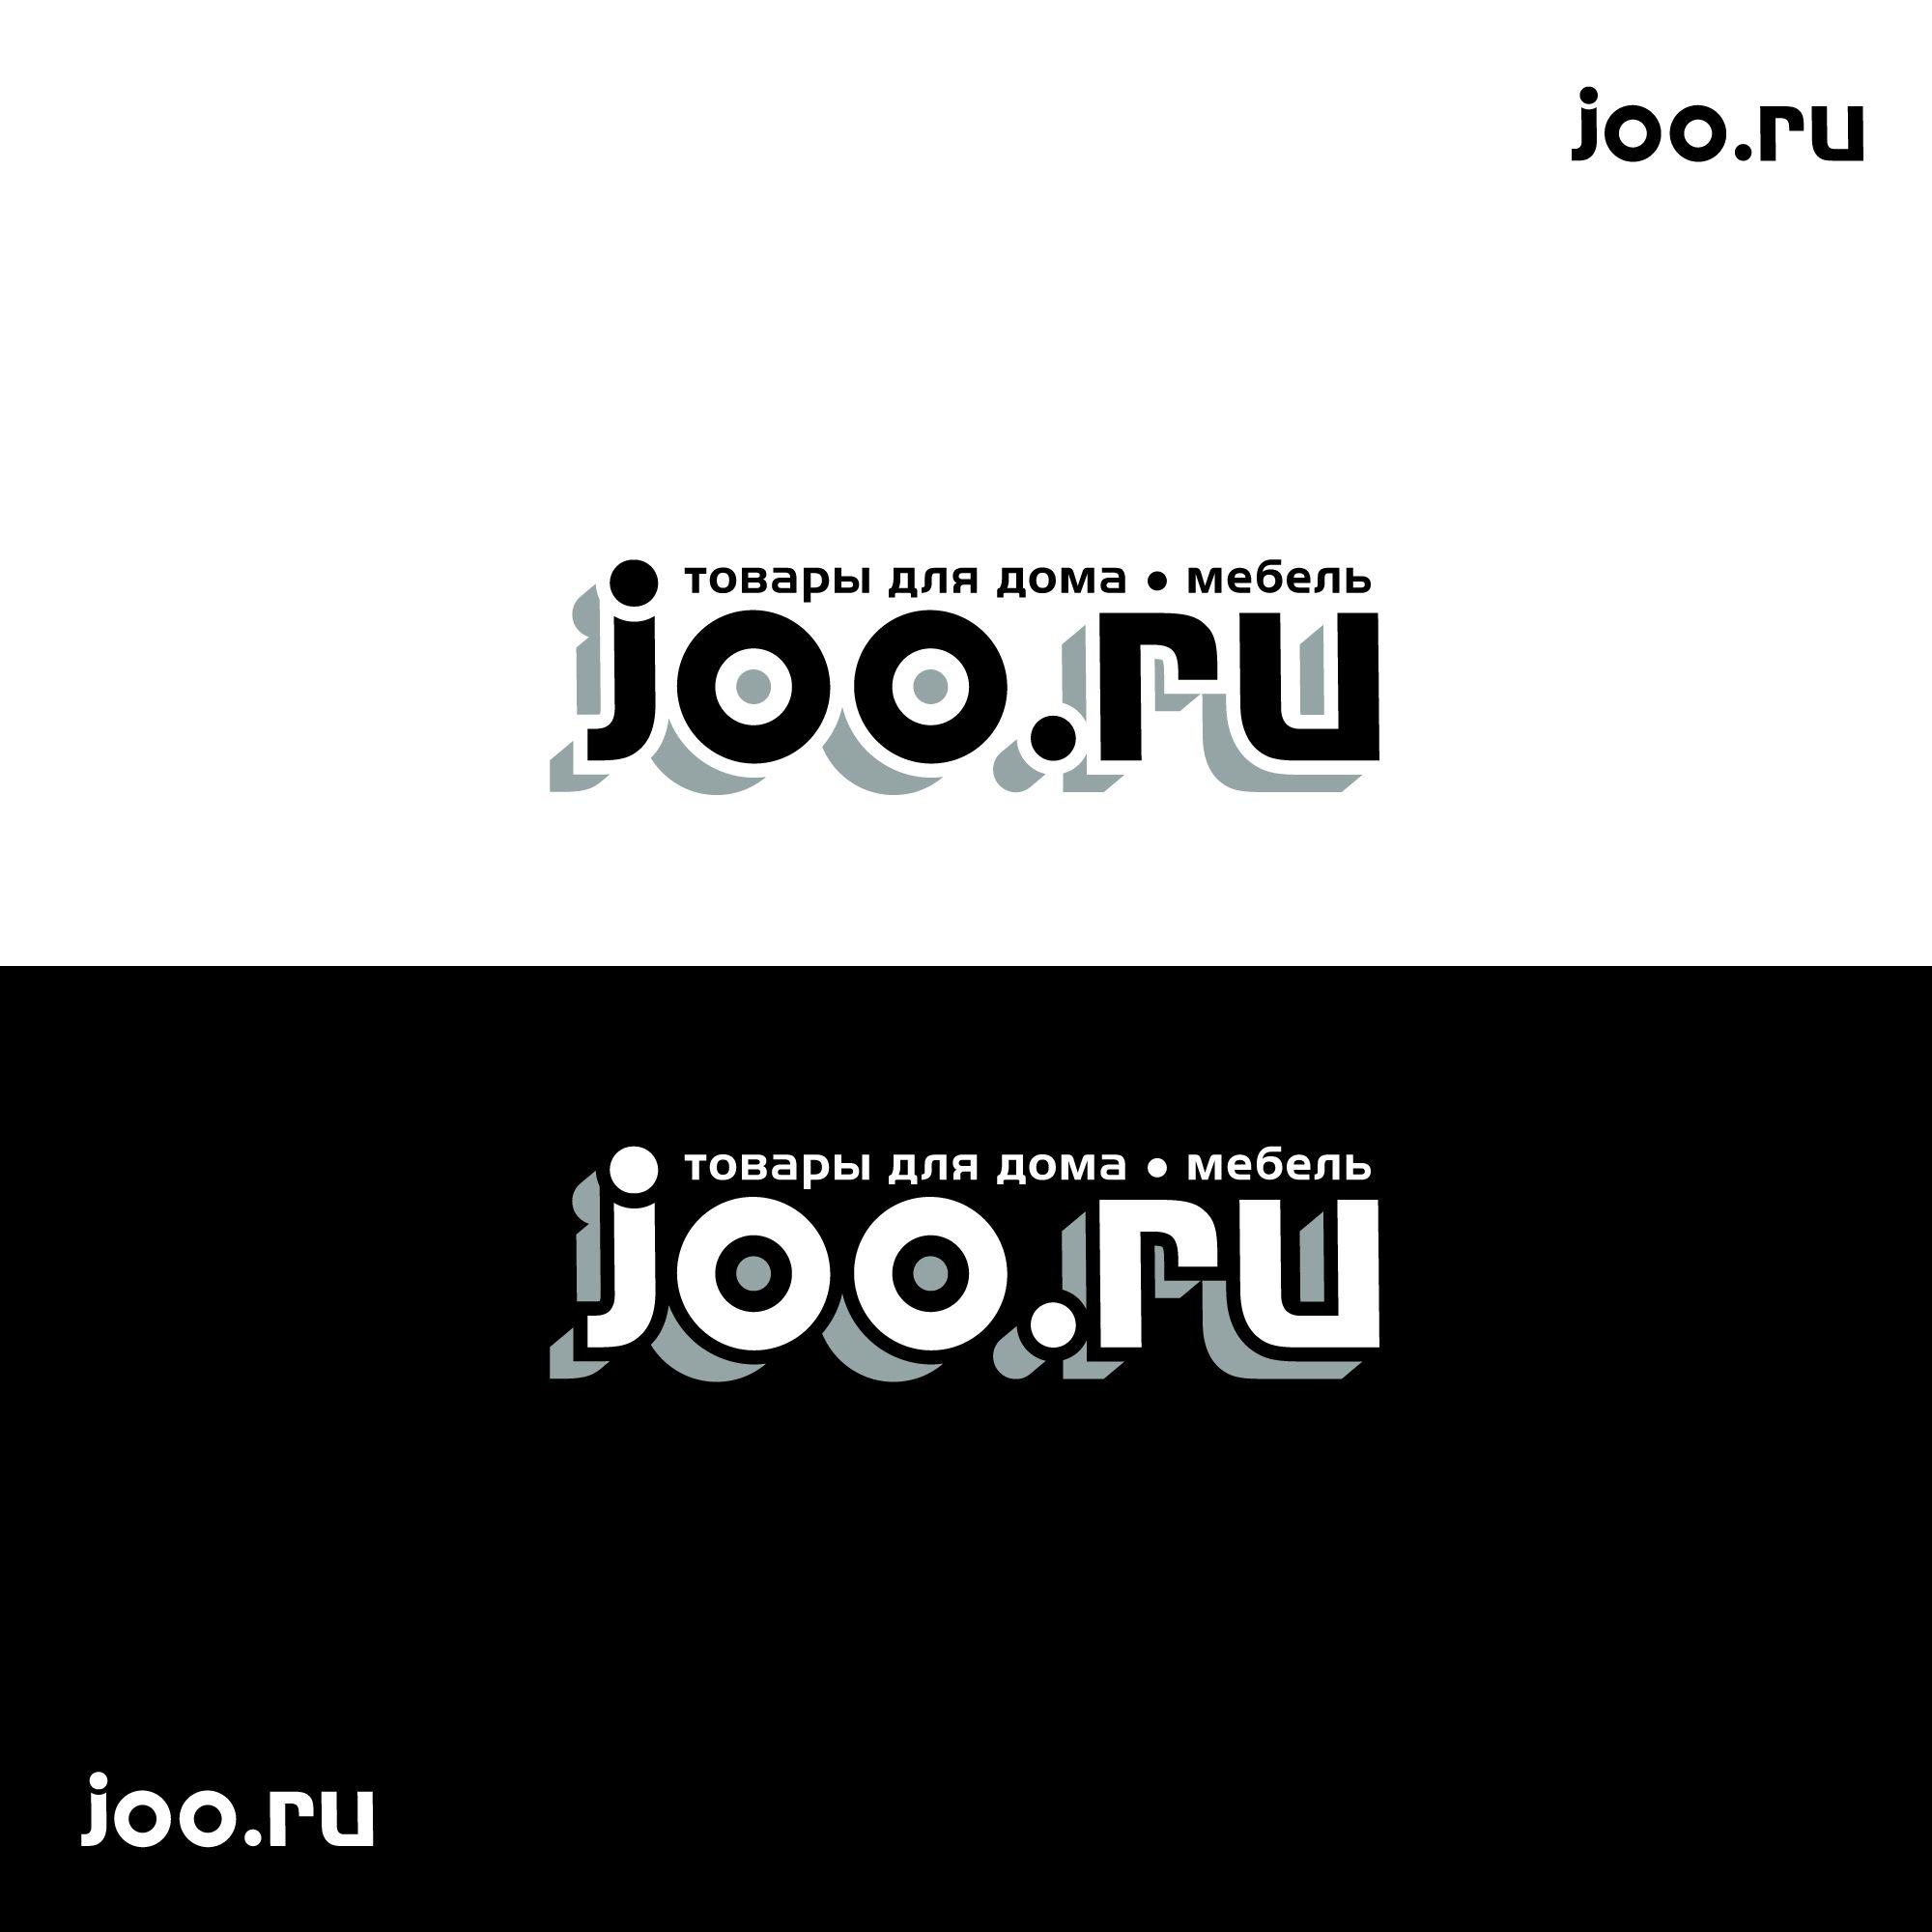 Логотип для Логотип для ioo.ru (мебель, товары для дома) - дизайнер mit-sey